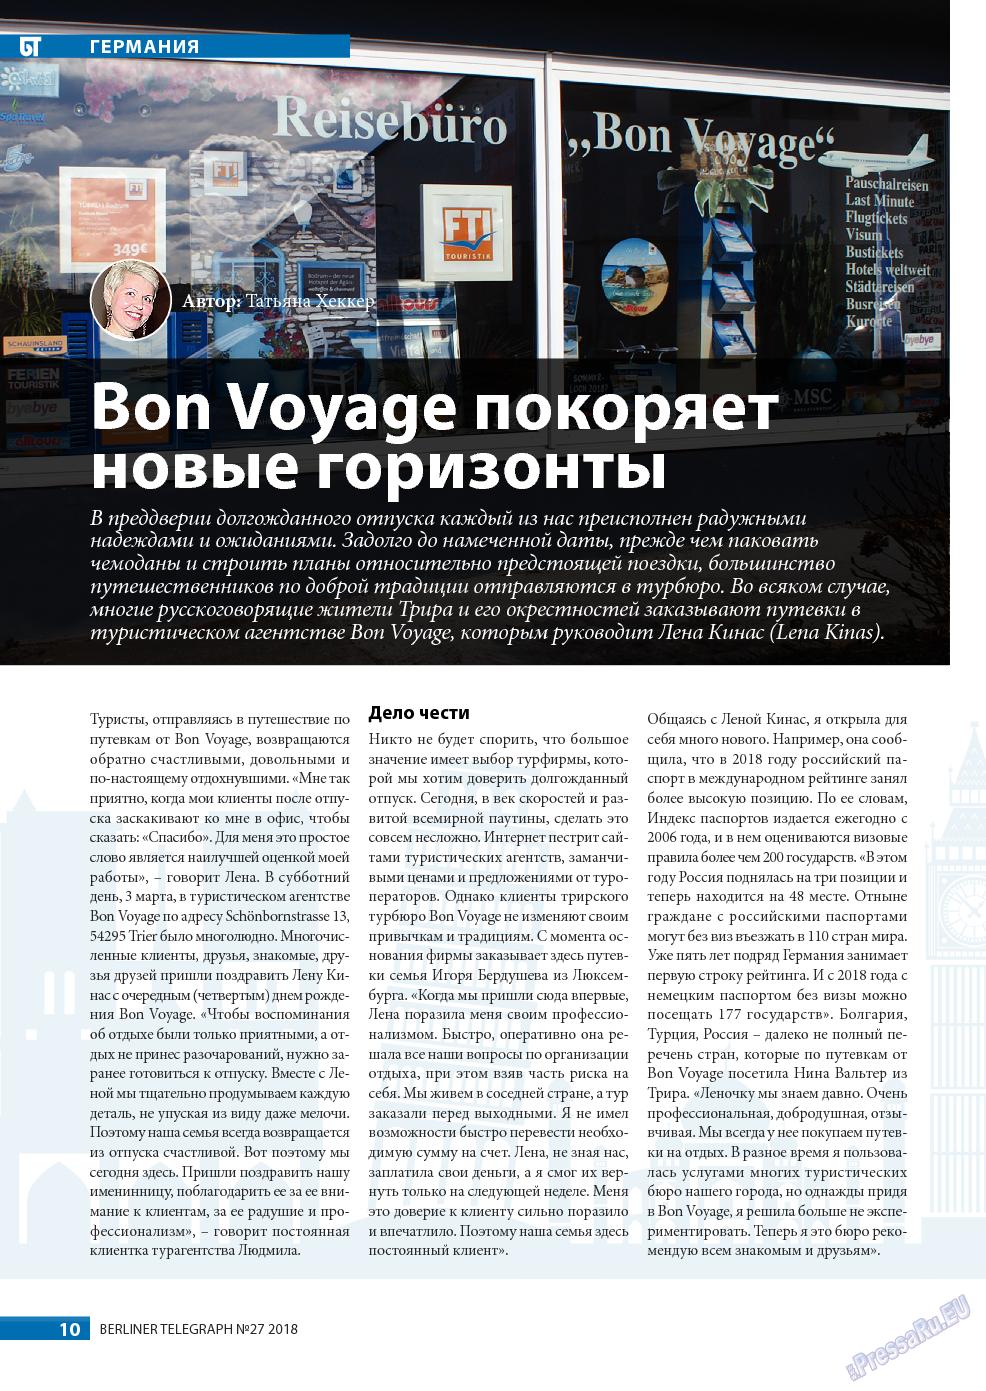 Берлинский телеграф (журнал). 2018 год, номер 27, стр. 10